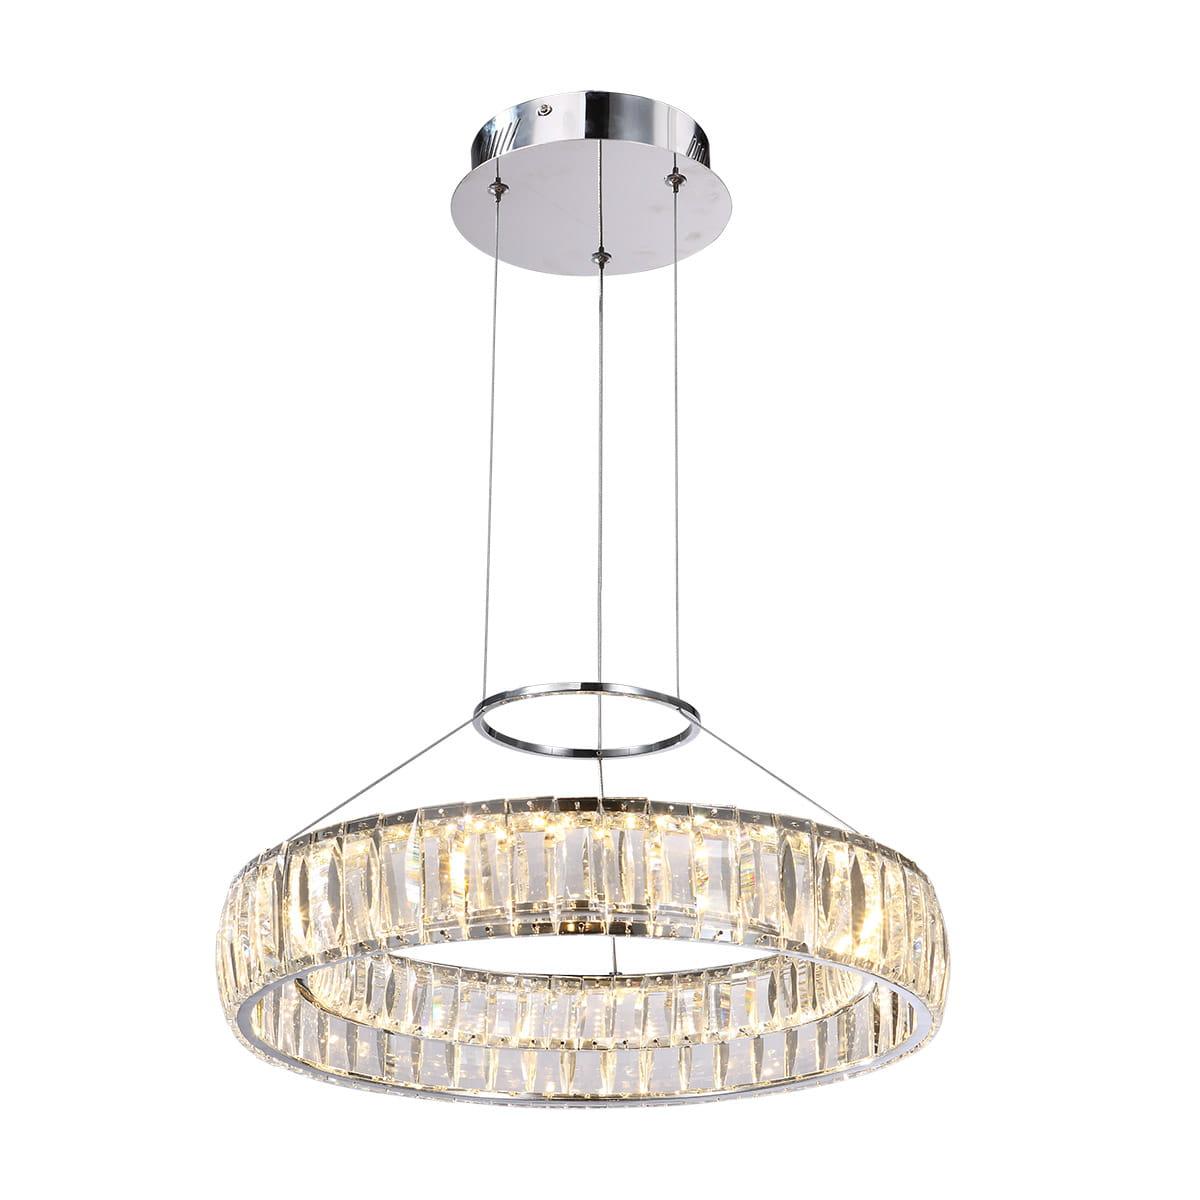 Italux Nowoczesna Lampa Kryształowa Led 30w Maxis Md14066703 1a